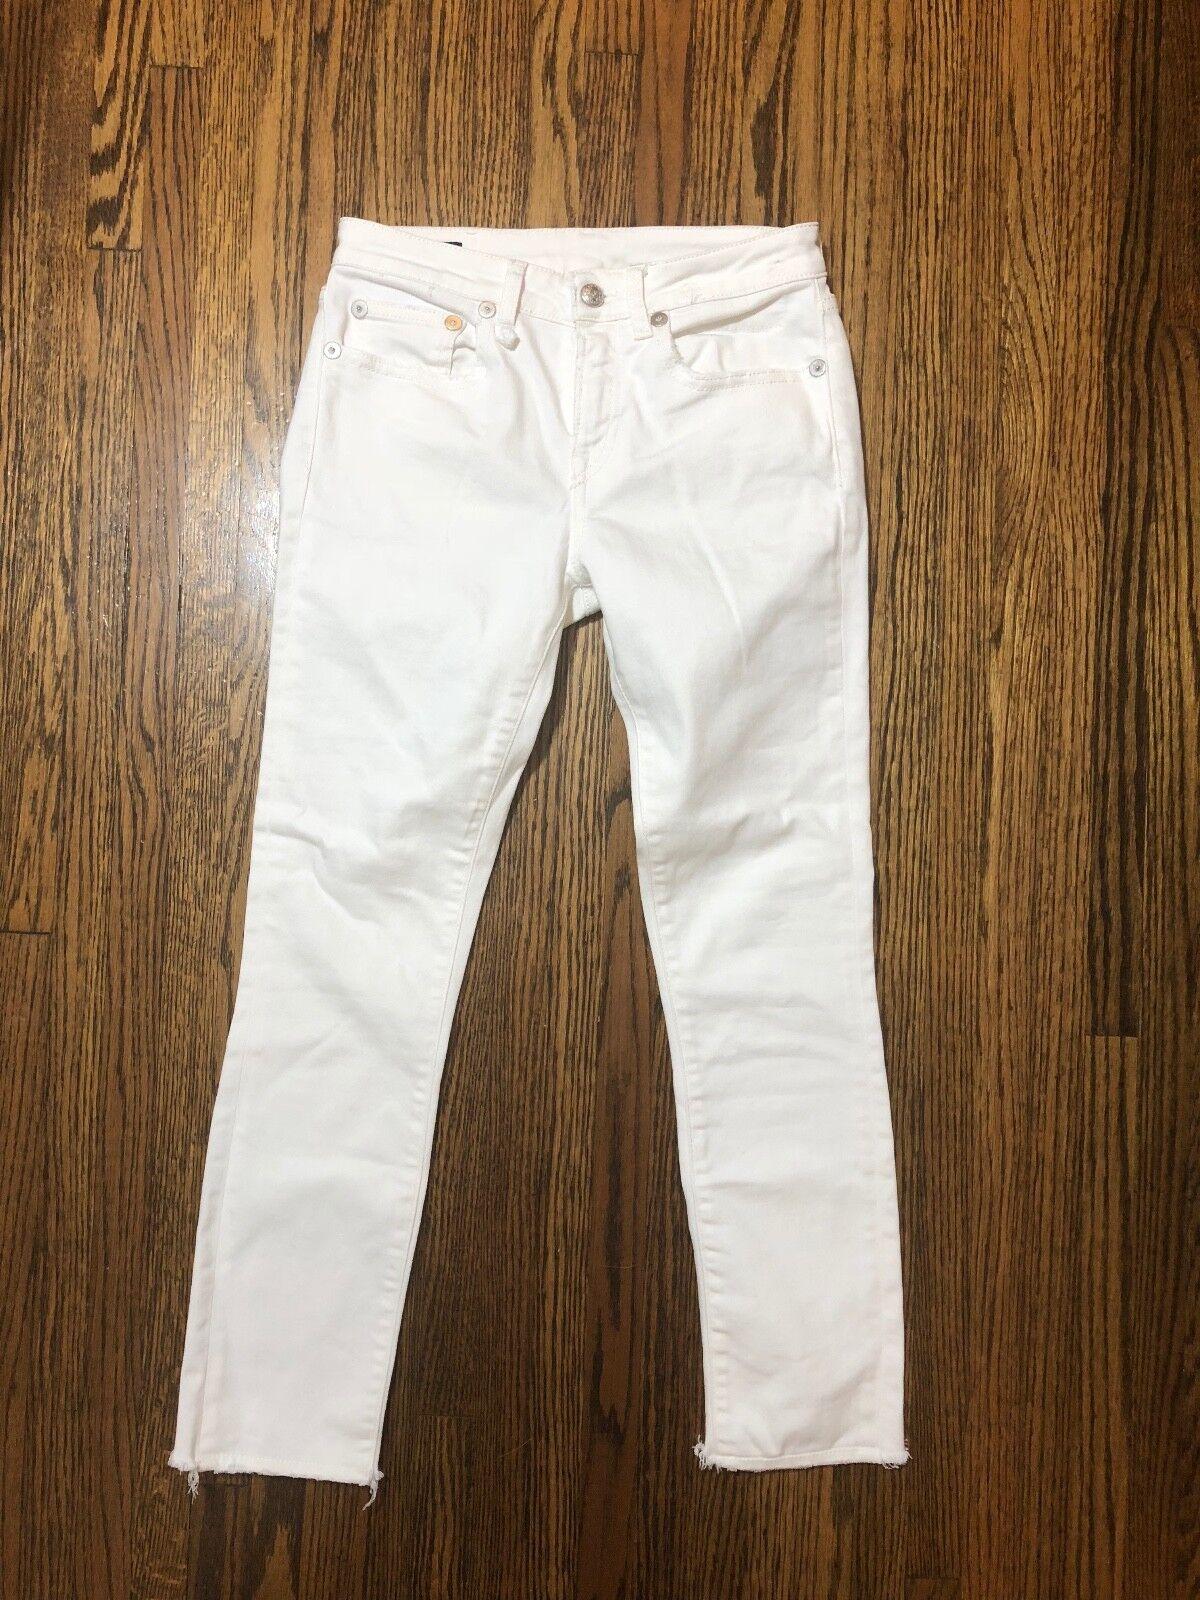 R13 Alison Crop in Garret White Size 26  325